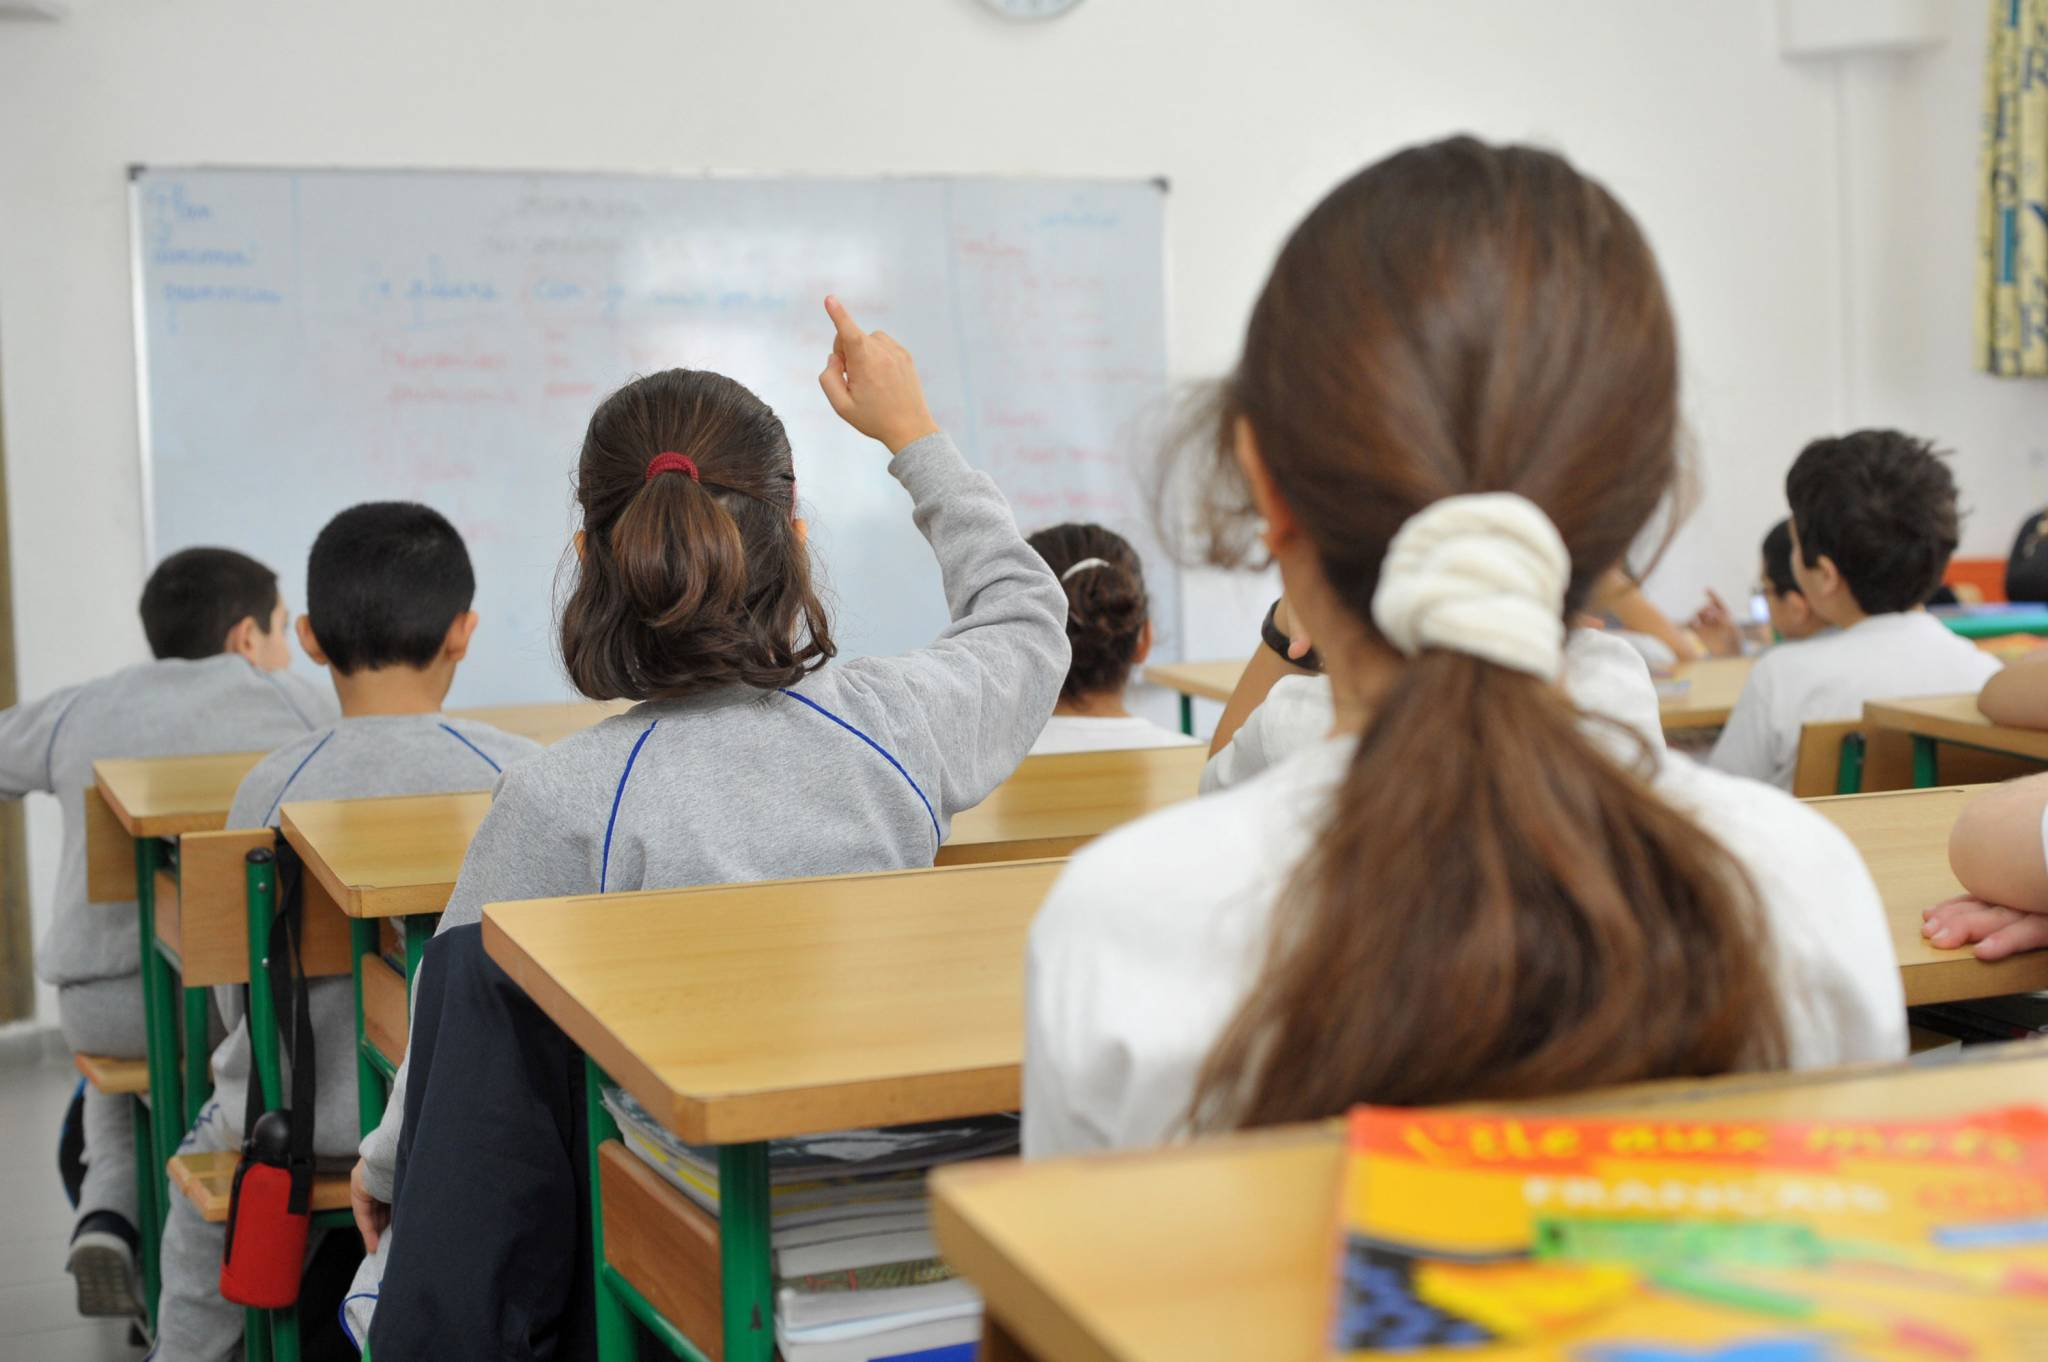 La prime de scolarité inchangée malgré l'envolée des coûts de l'éducation